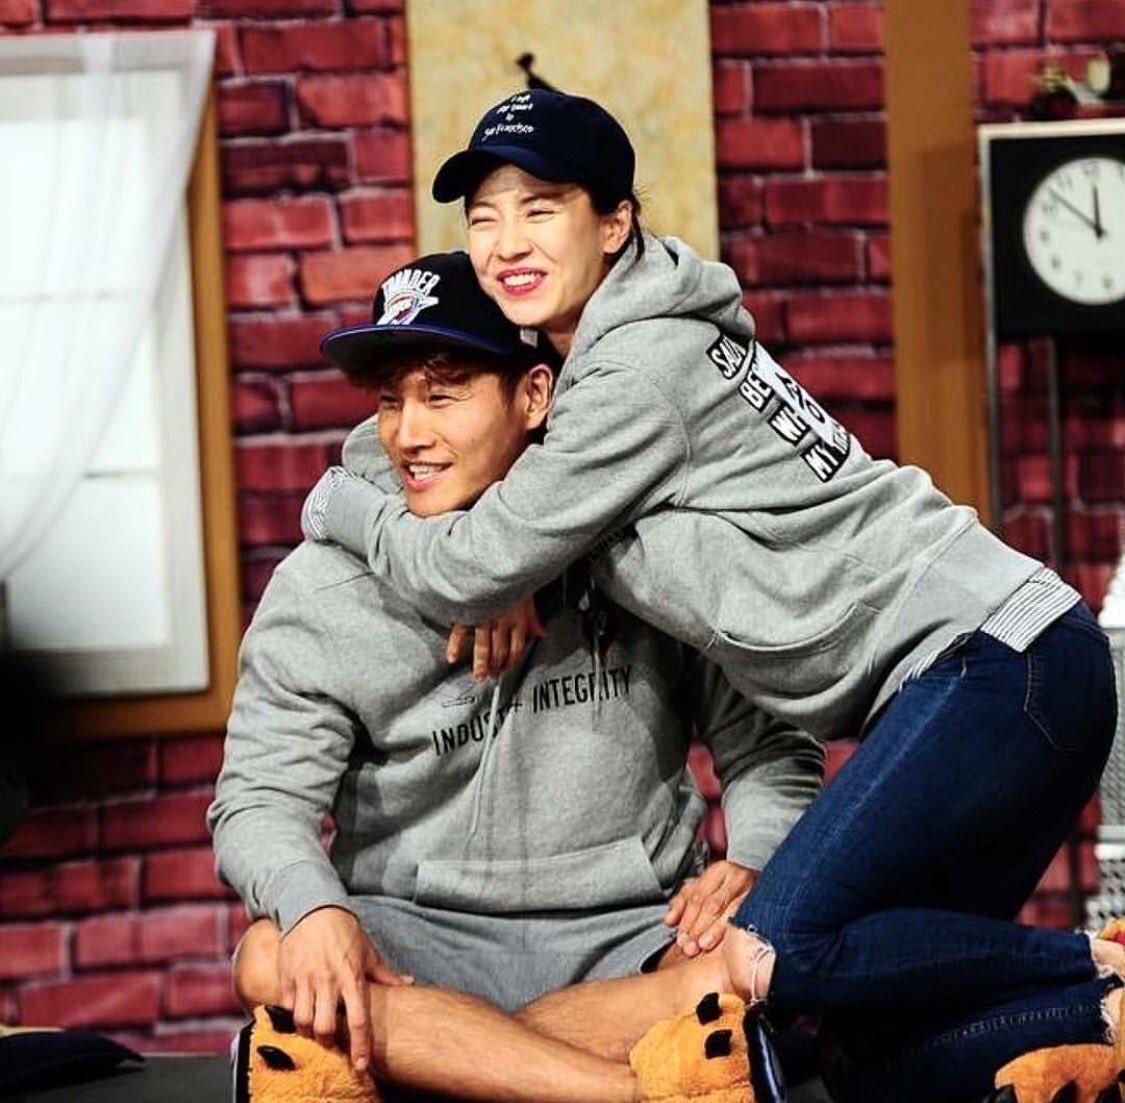 Chưa phát sóng mà Running Man Việt đã hé lộ khá nhiều loveline, đáng nghi nhất là cặp cuối cùng! - Ảnh 2.